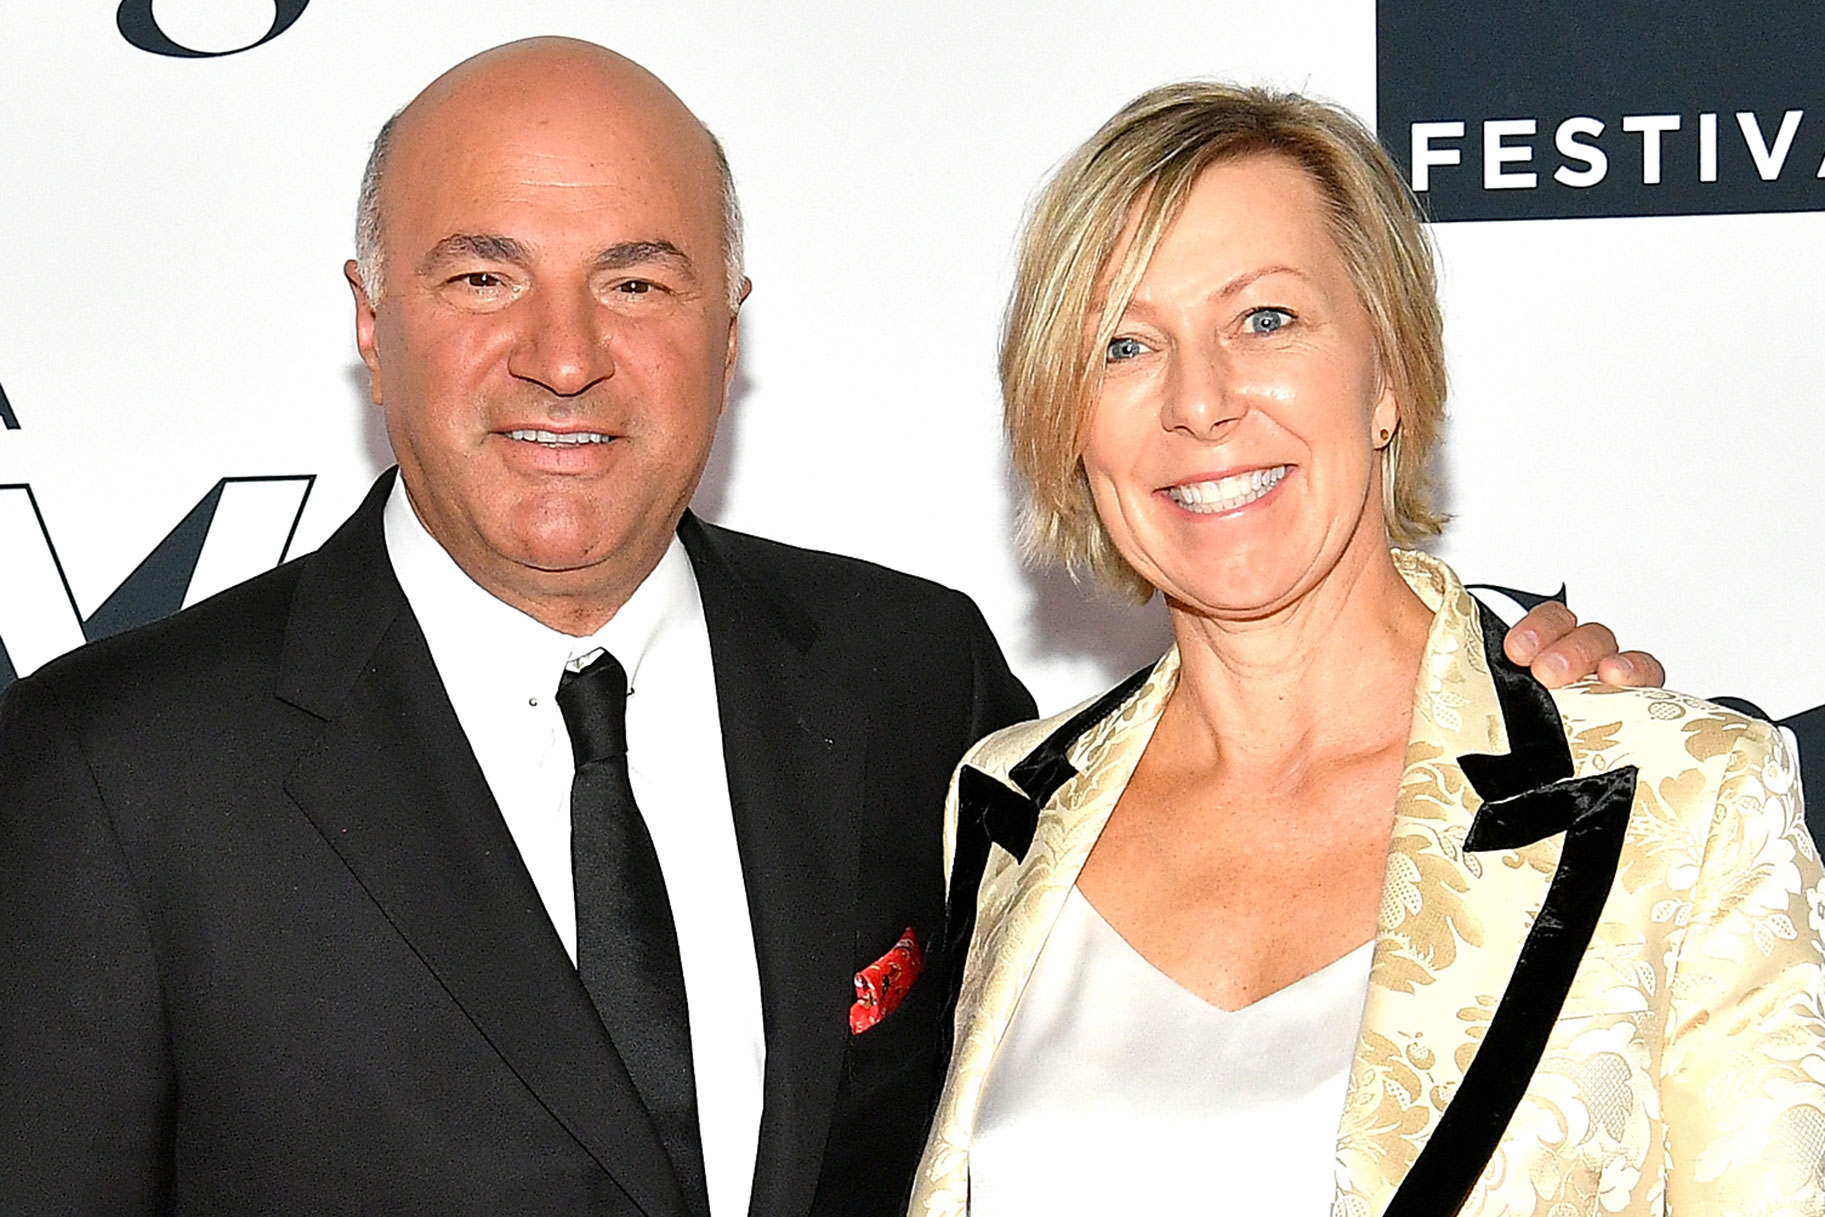 La estrella de 'Shark Tank' Kevin O'Leary y su esposa deberían 'cumplir el tiempo' si se les declara culpables en un accidente de barco, dice el hermano de la víctima